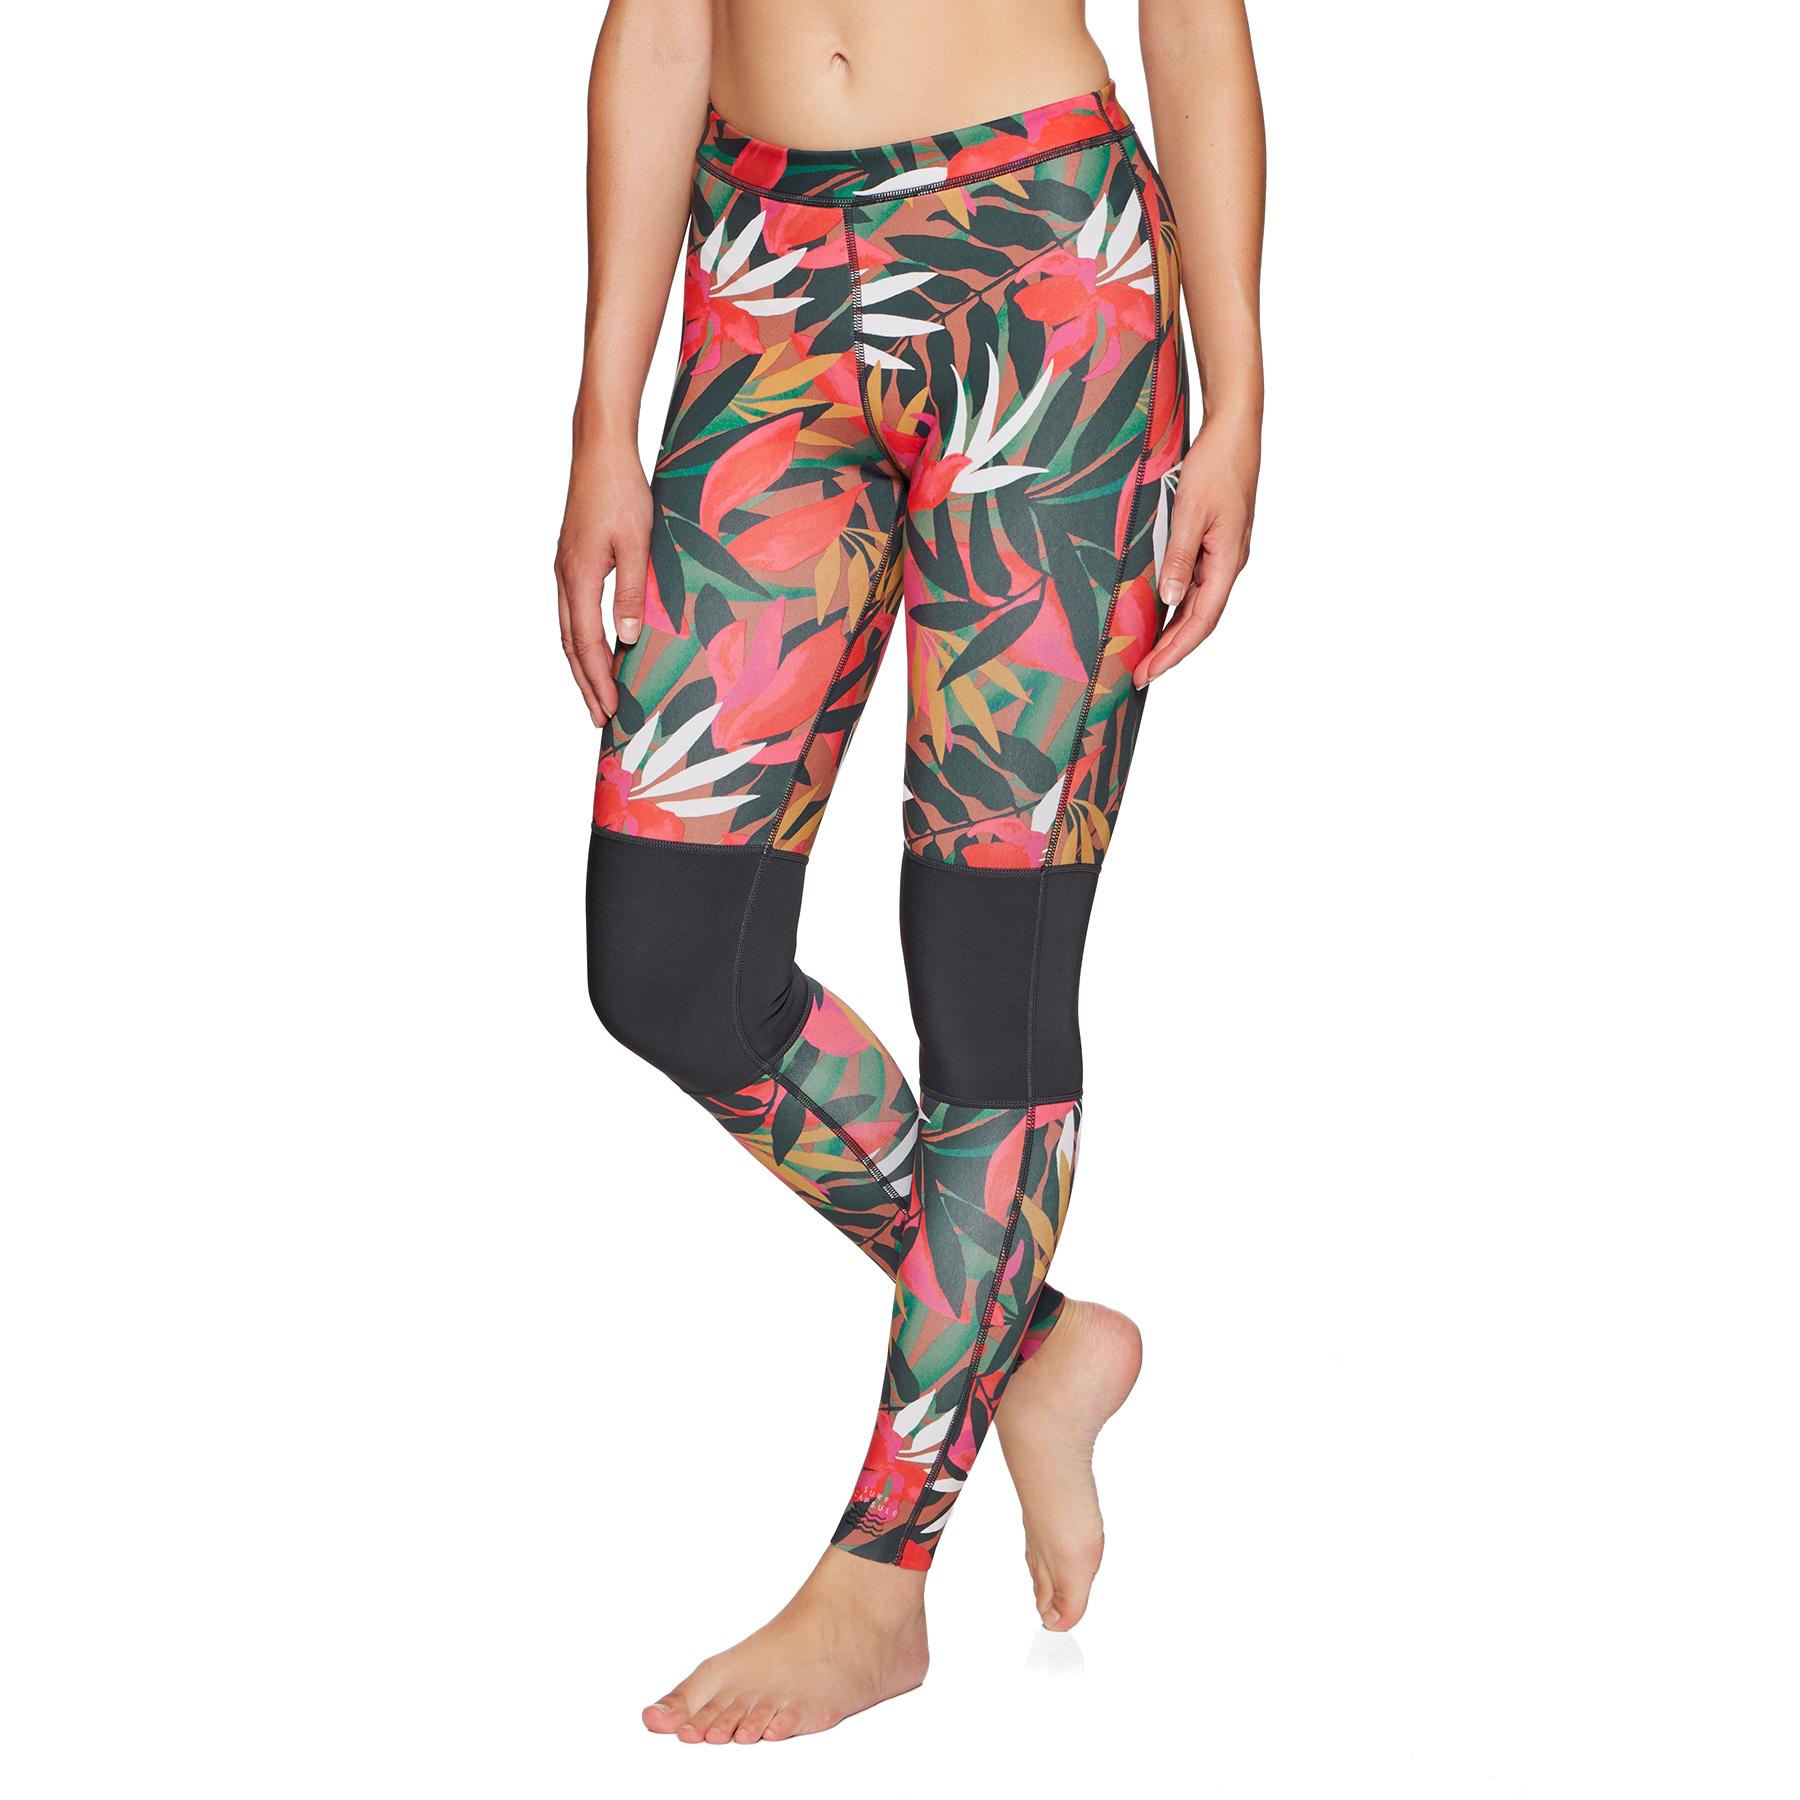 Wetsuit Pants Femme Billabong Skinny Sea Legs 1mm 2020 Surf